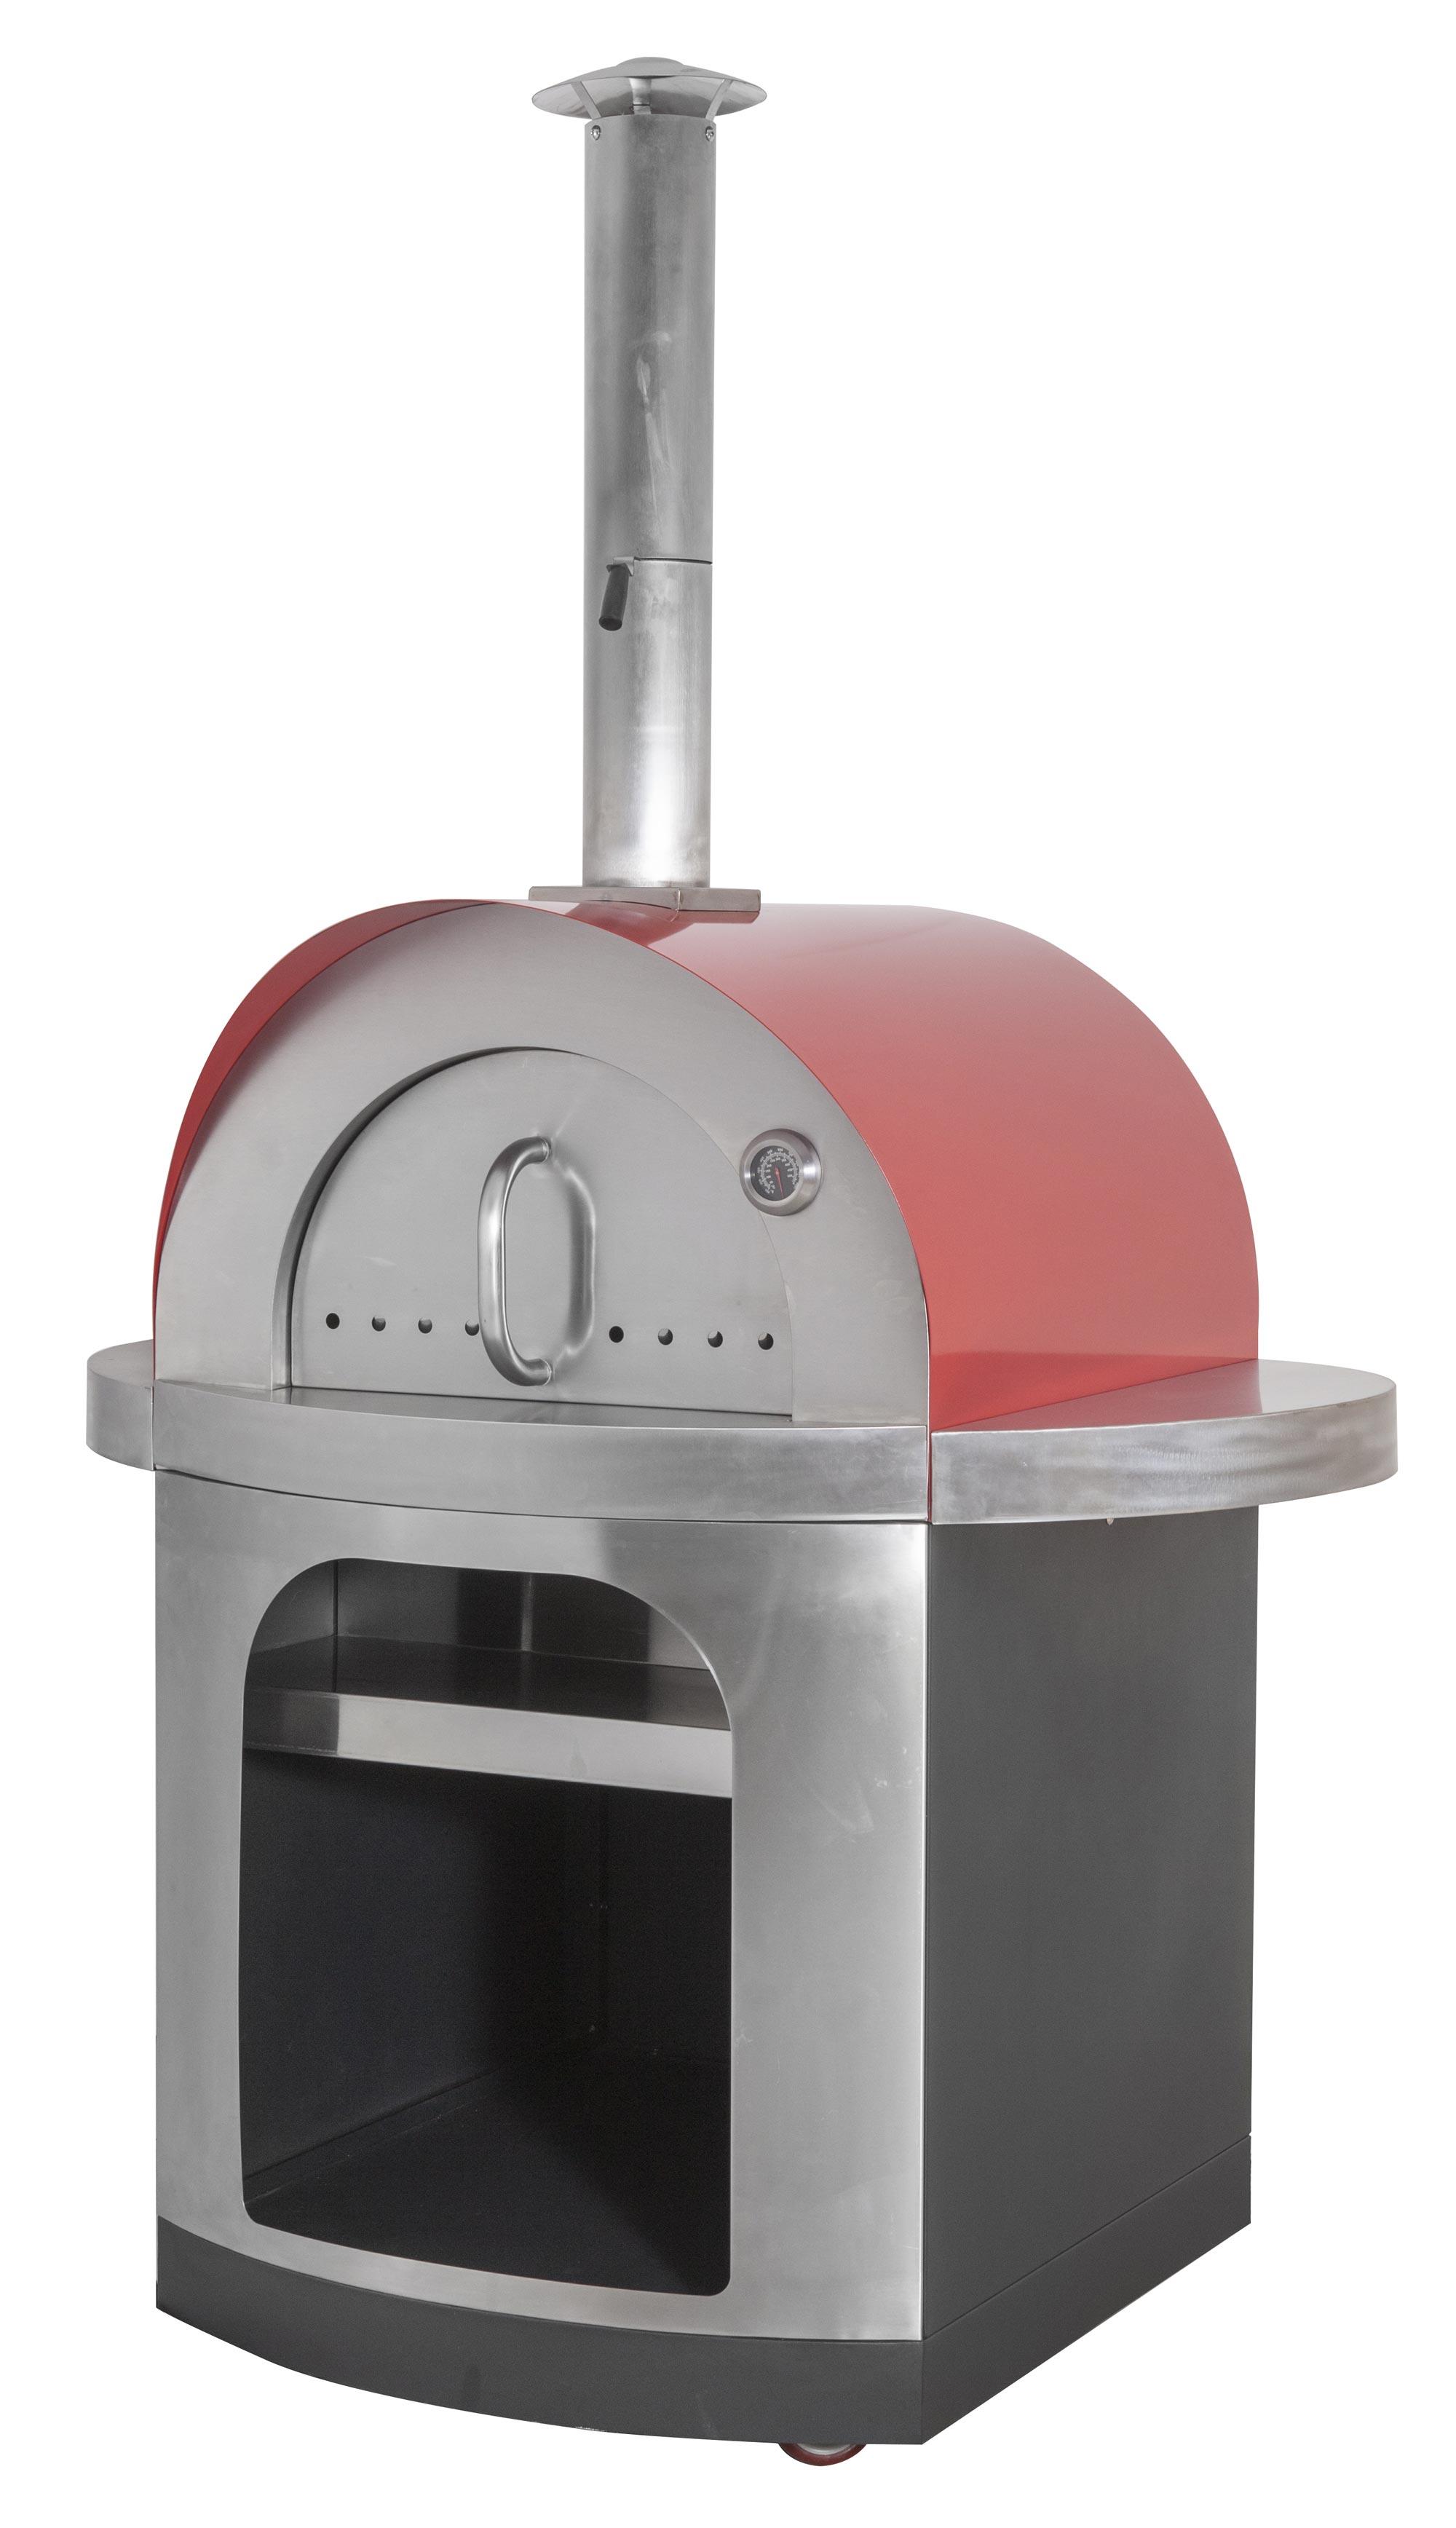 Pizzaofen / Brotbackofen / Flammkuchenofen D7060 Agrigento mit Gestell Bild 1